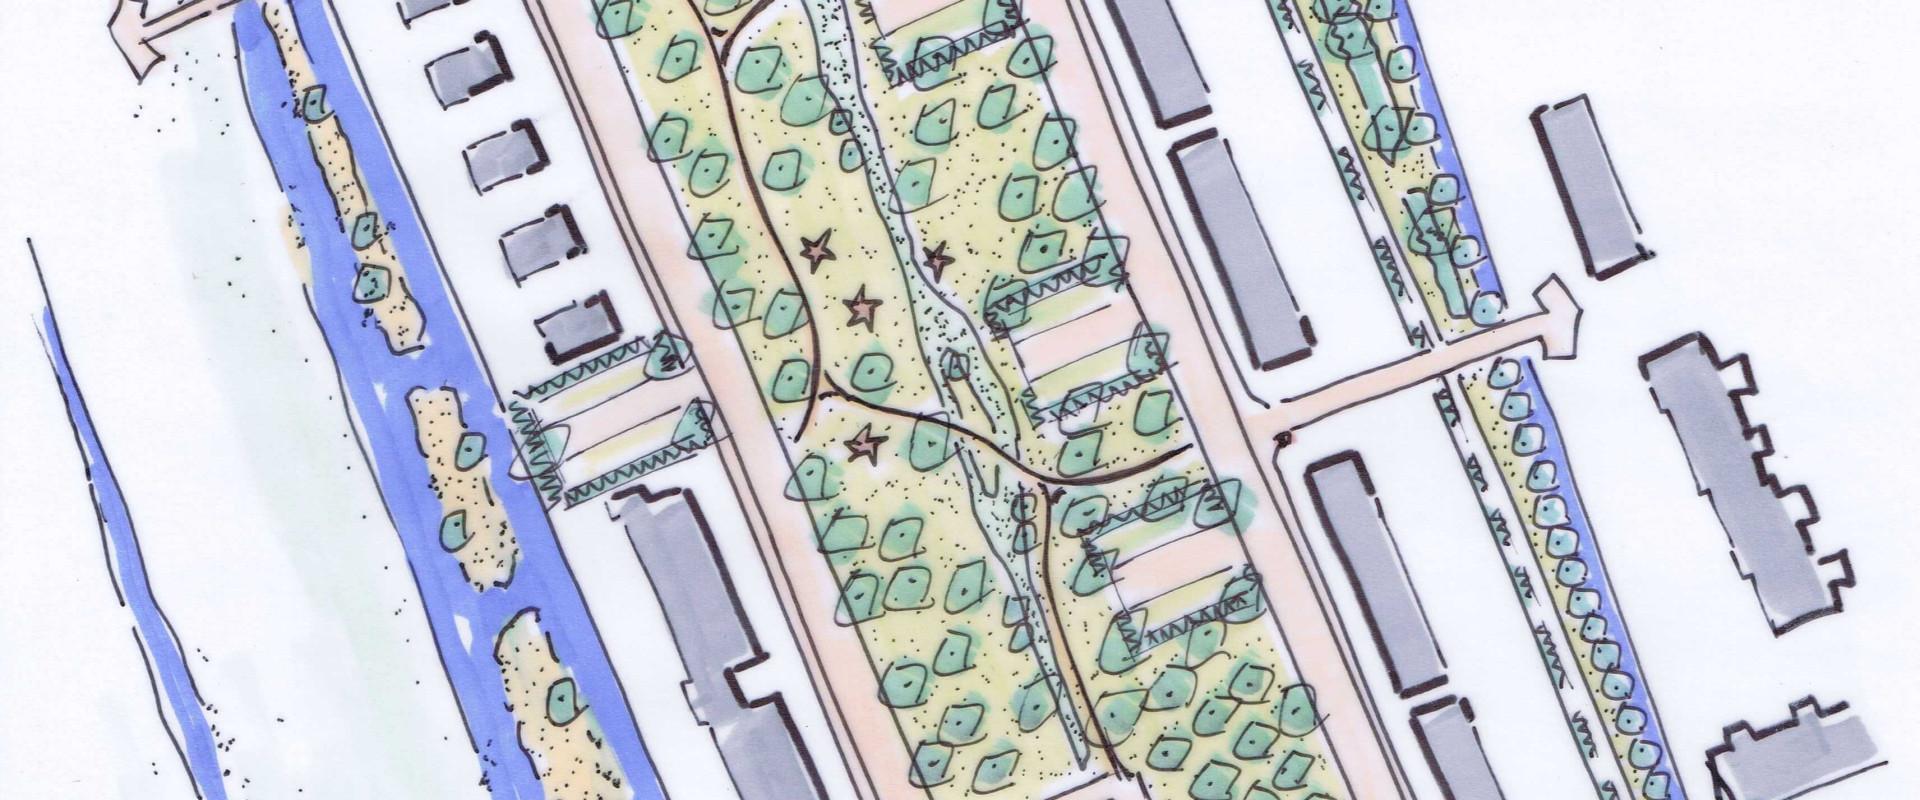 180927 schets driekoppenland